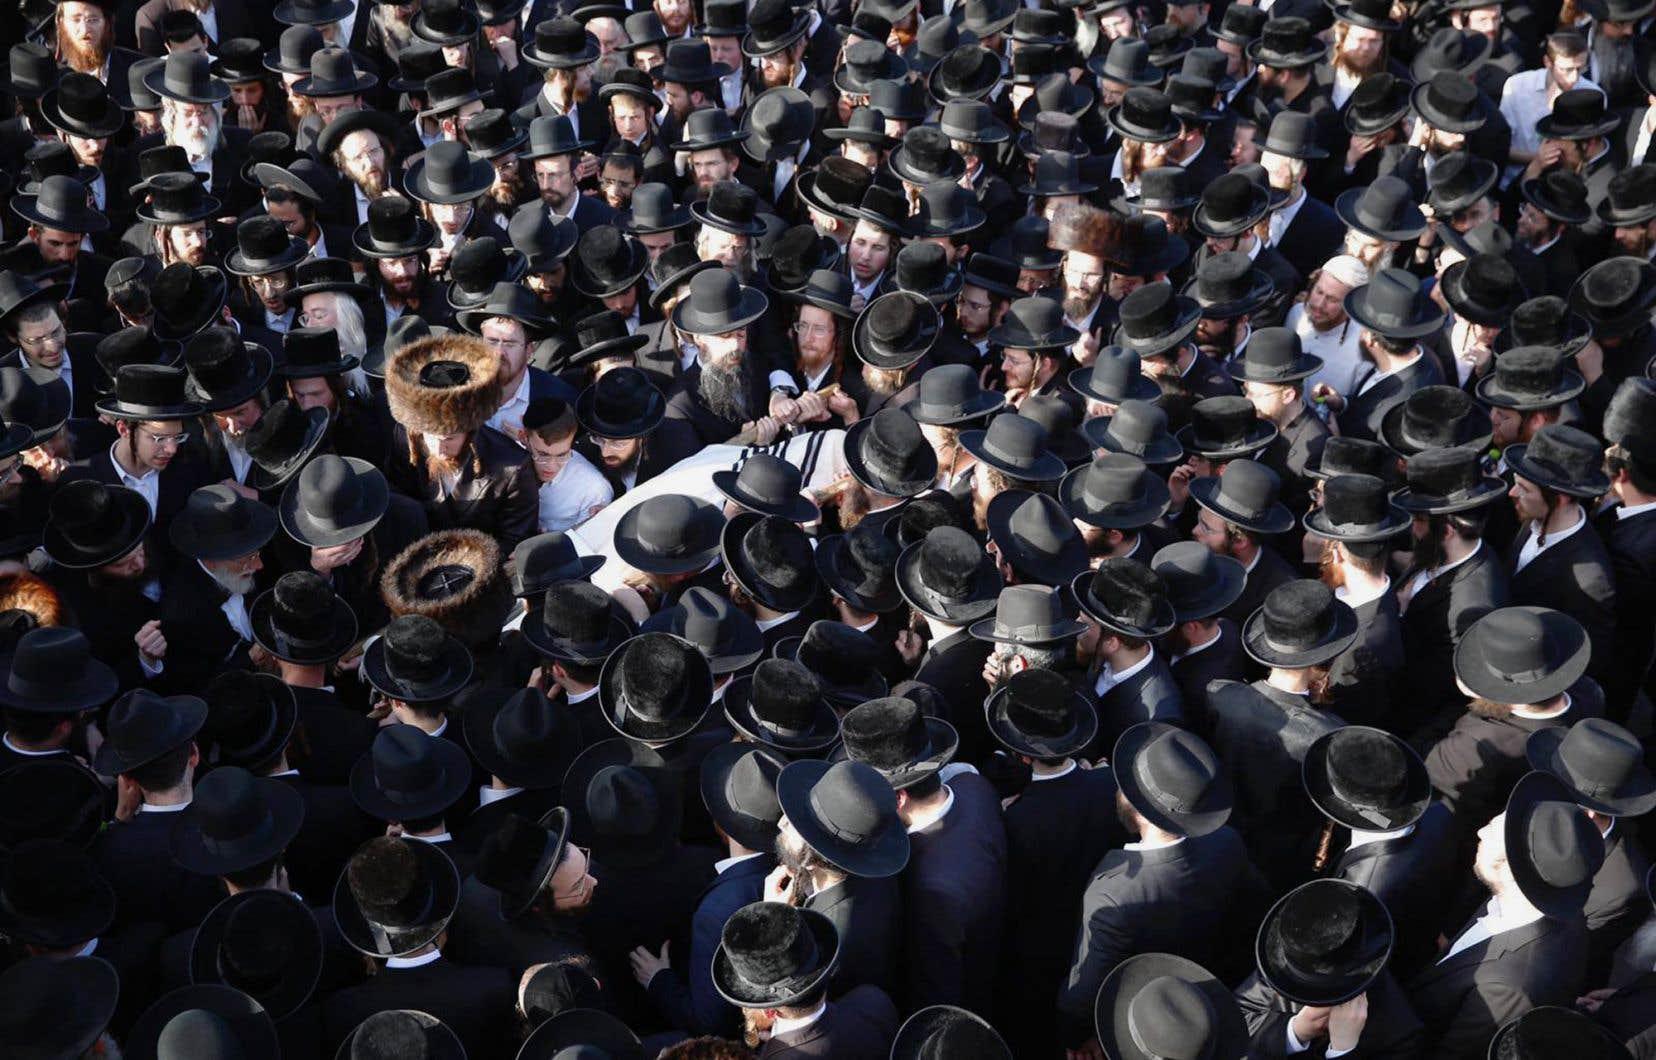 Répondant à l'appel d'un ministre israélien, des centaines de personnes se sont déplacées vendredi à Jérusalem pour assister aux funérailles du Montréalais d'origine Shraga Gestetner, dont la famille a dû rester en Amérique du Nord.